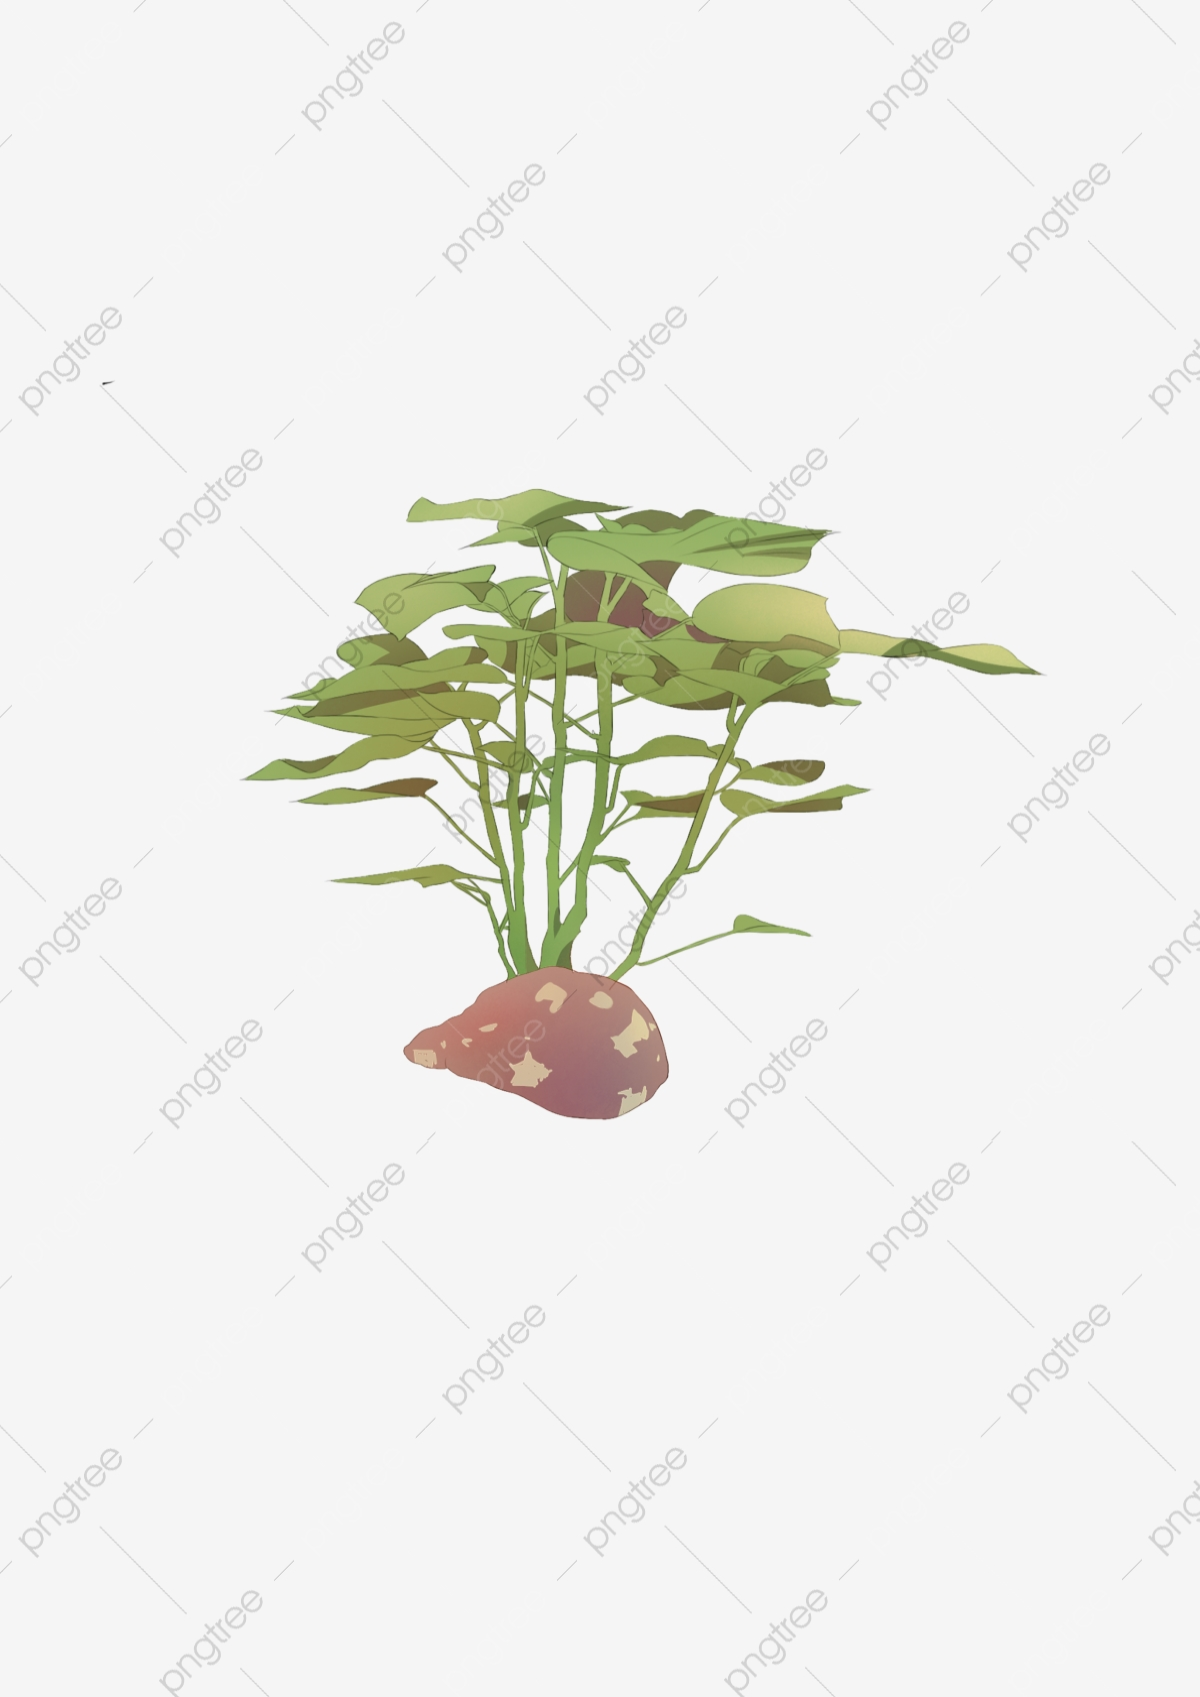 Commercial Tableau De Dessin Animé Nourriture Plante